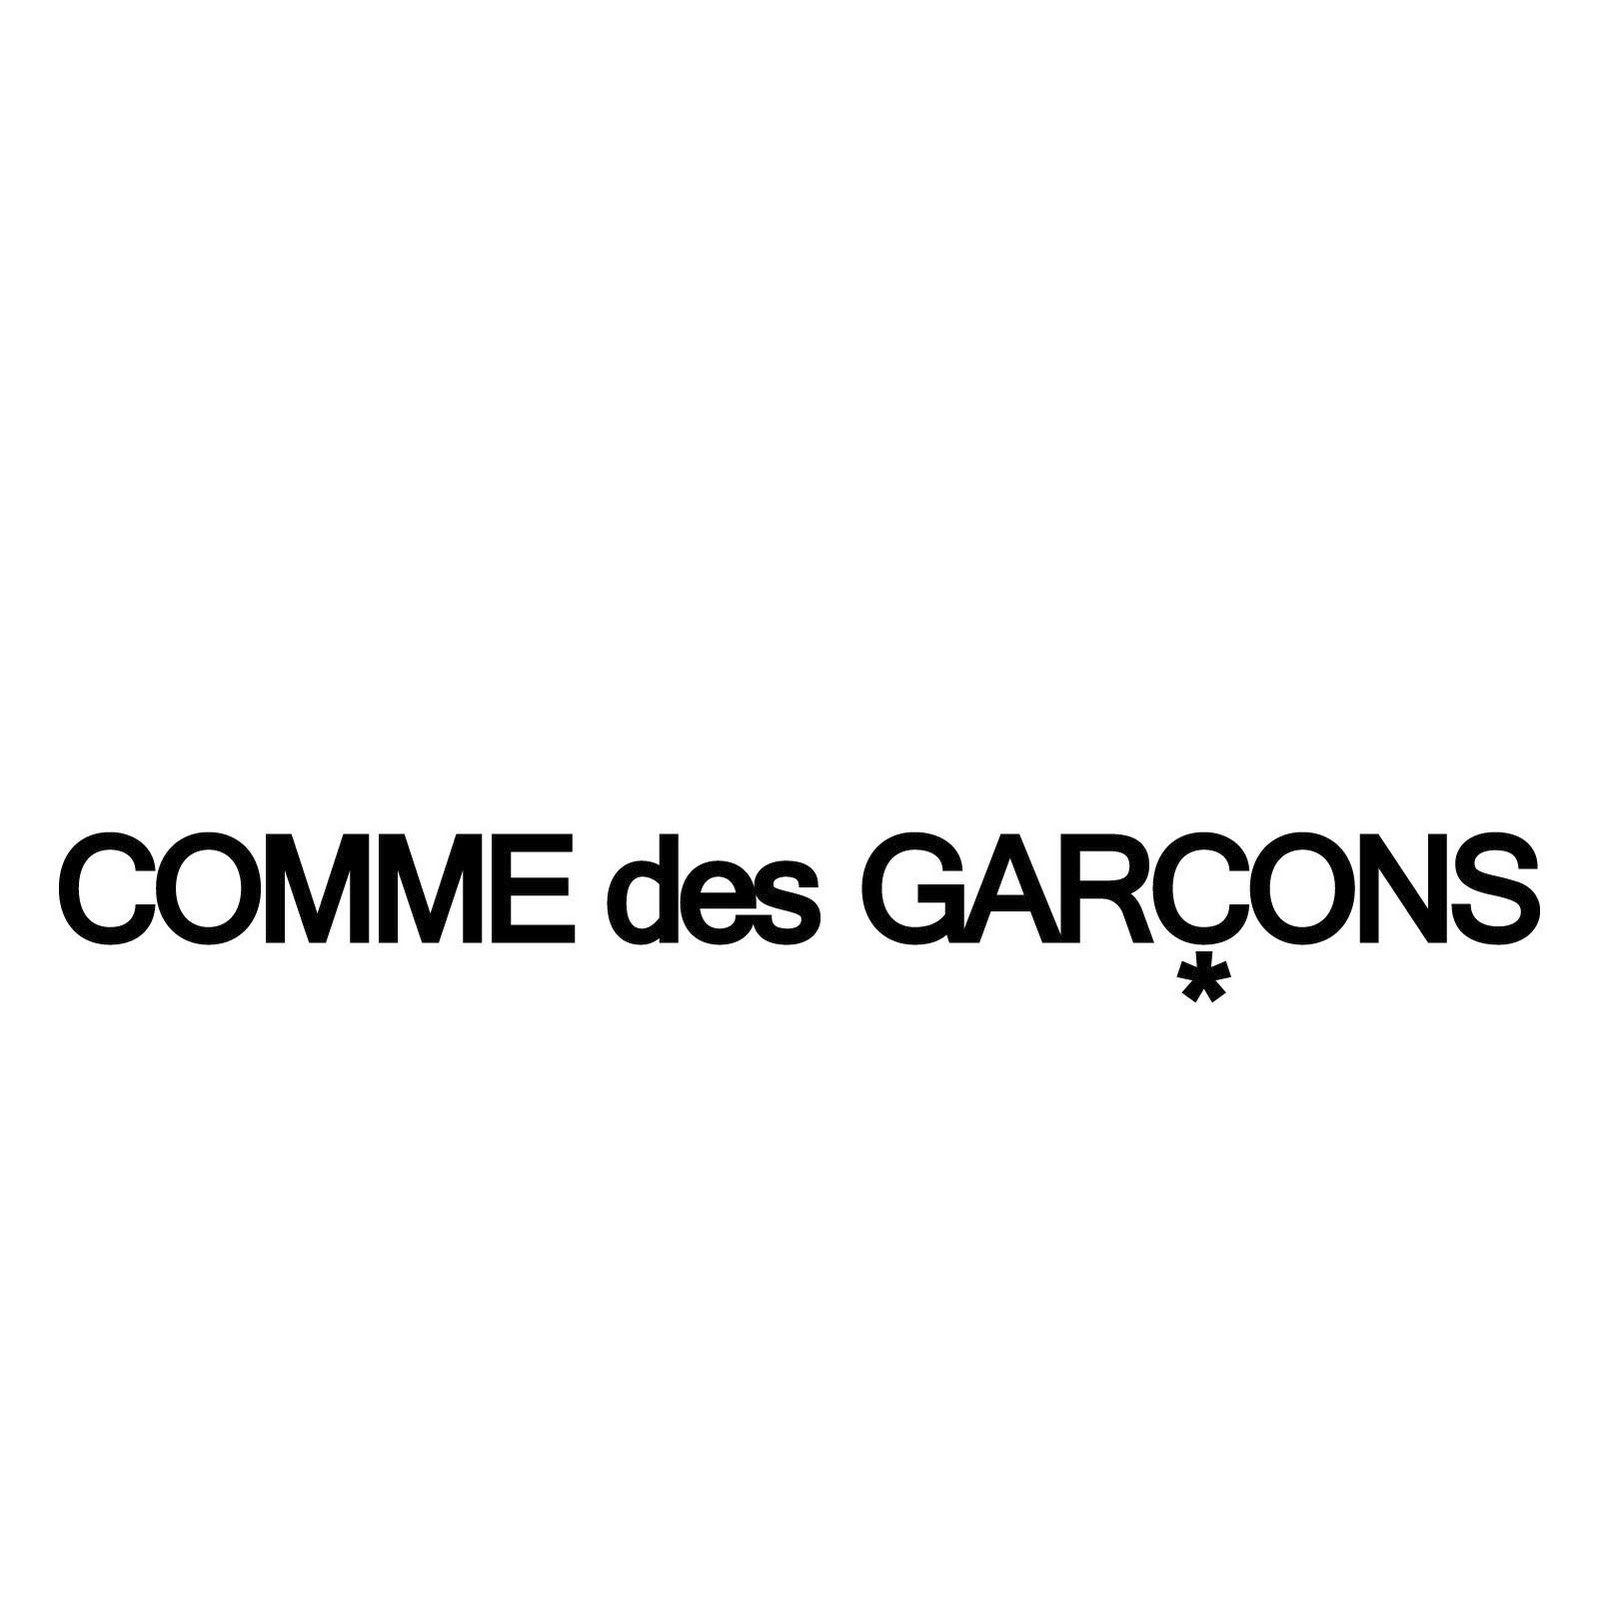 COMME DES GARÇONS Shirt (Image 1)